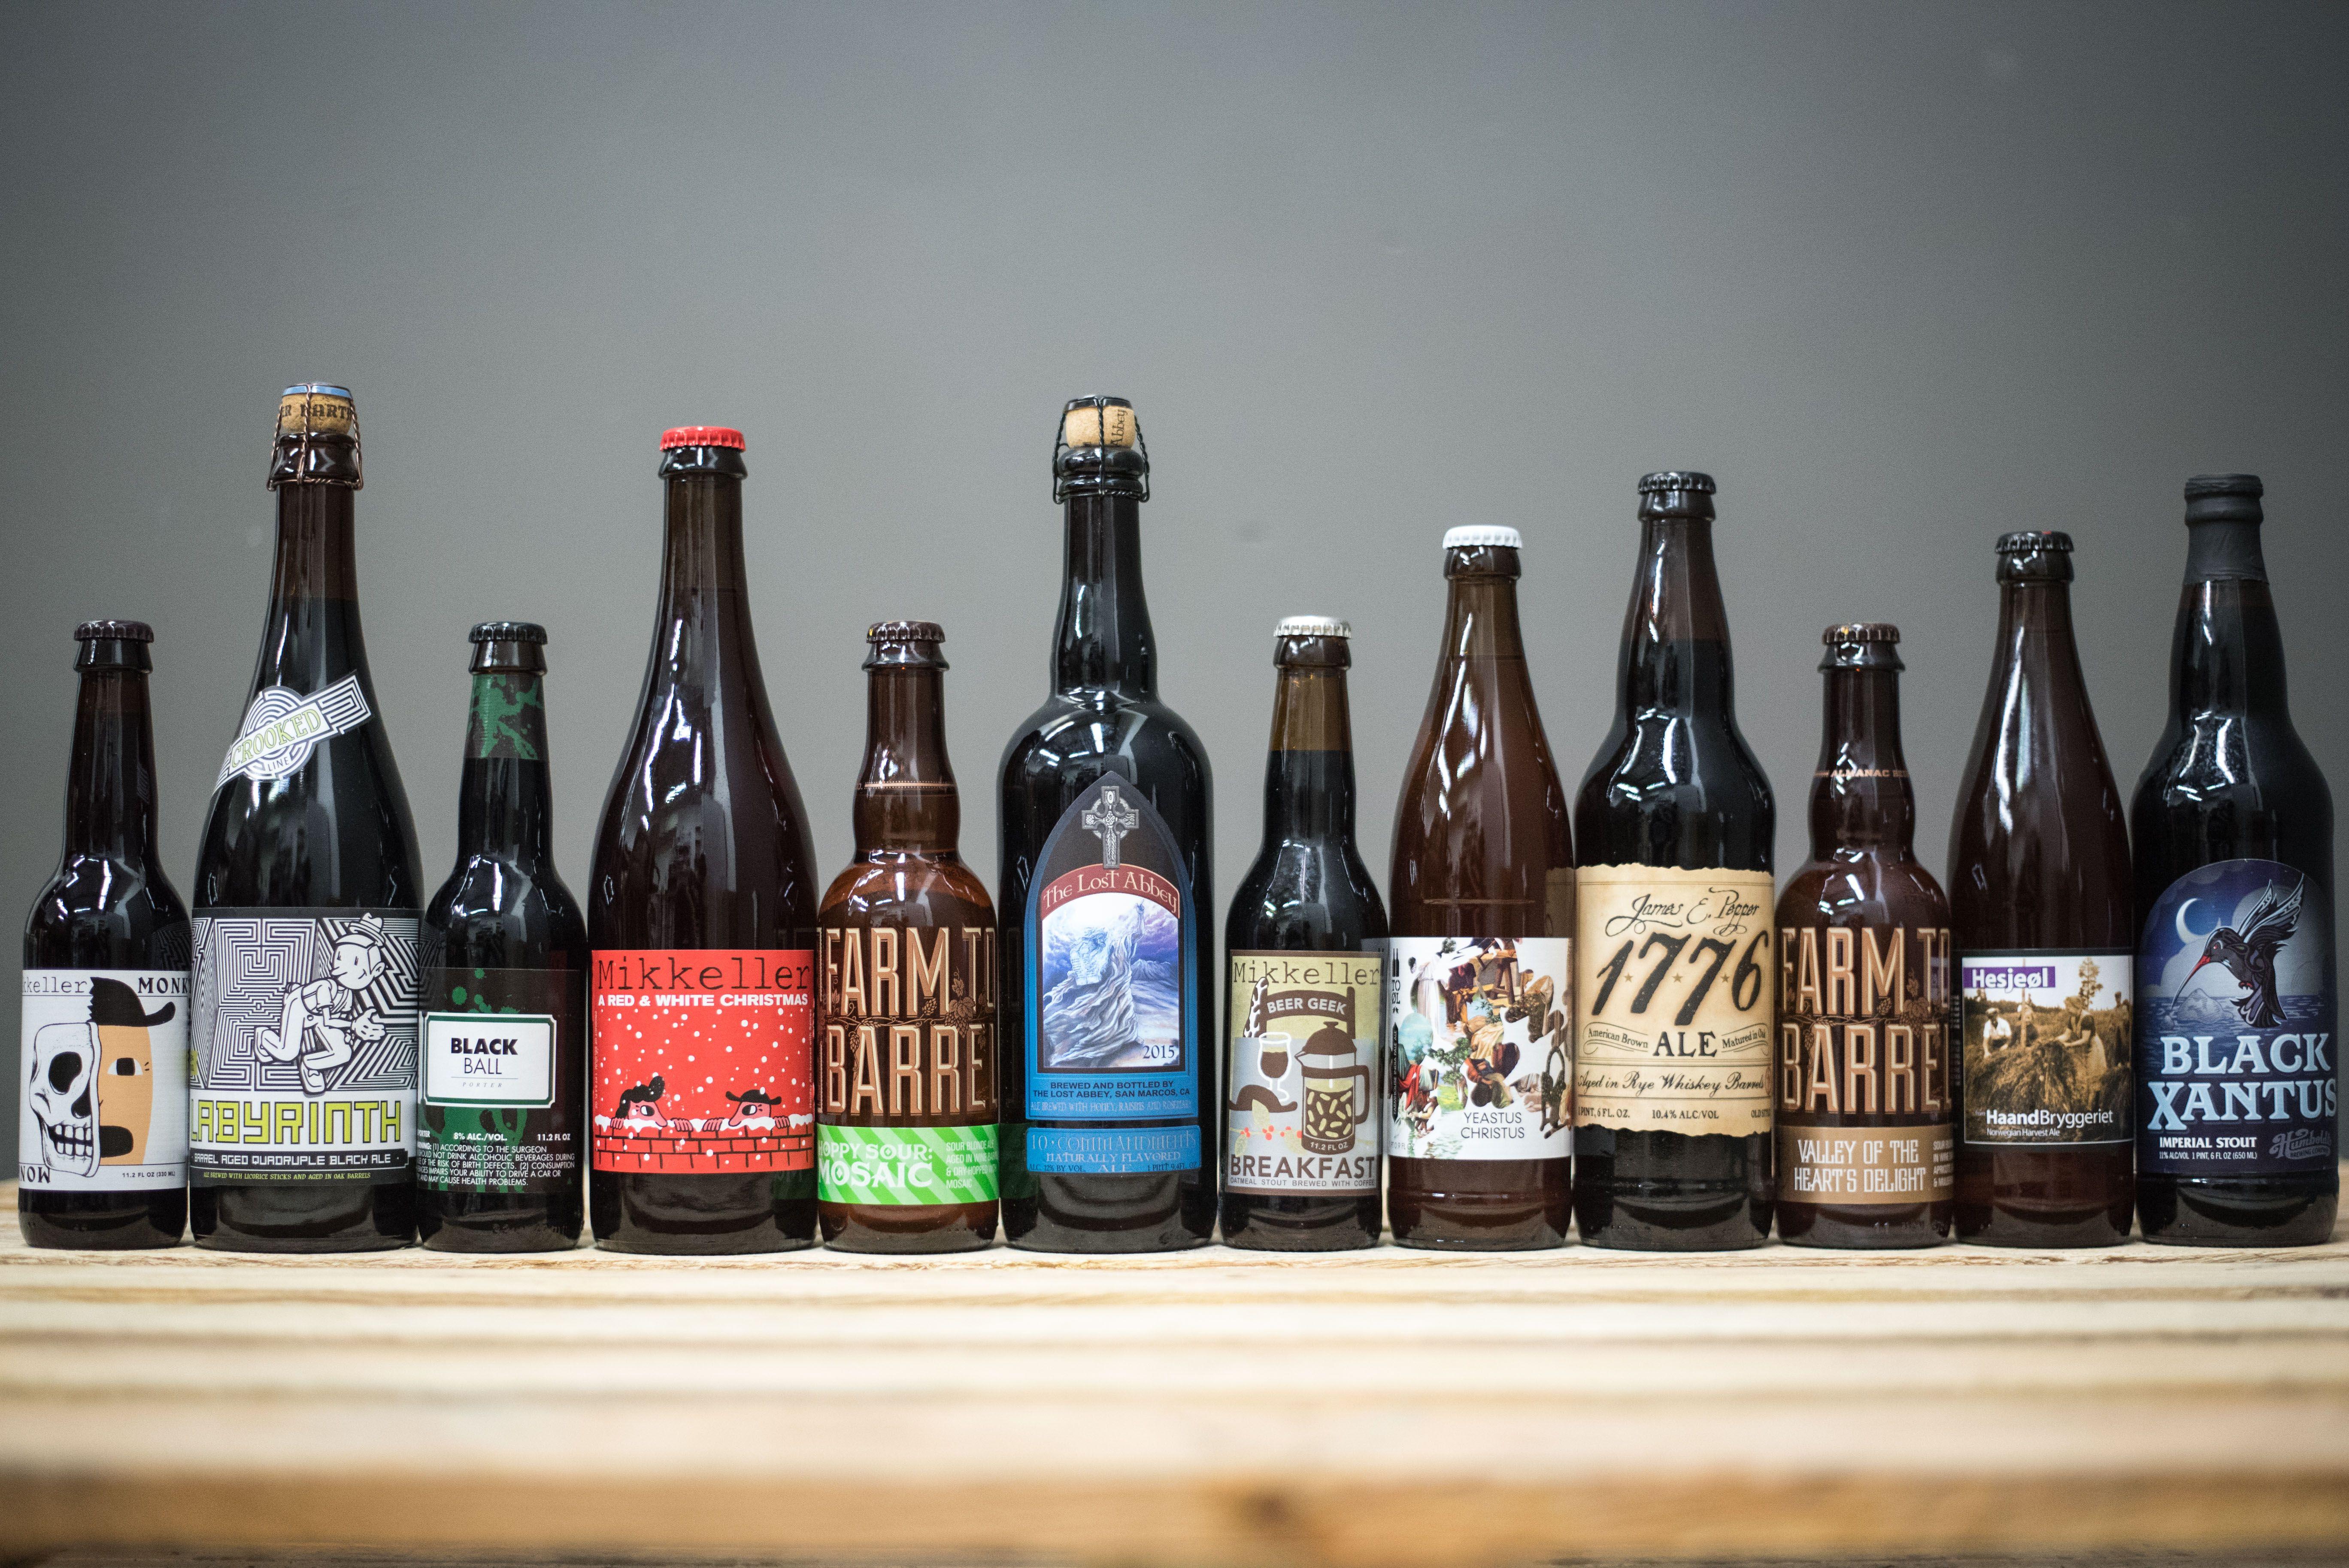 Что такое крафтовое пиво: эксклюзив или продукт массового потребления